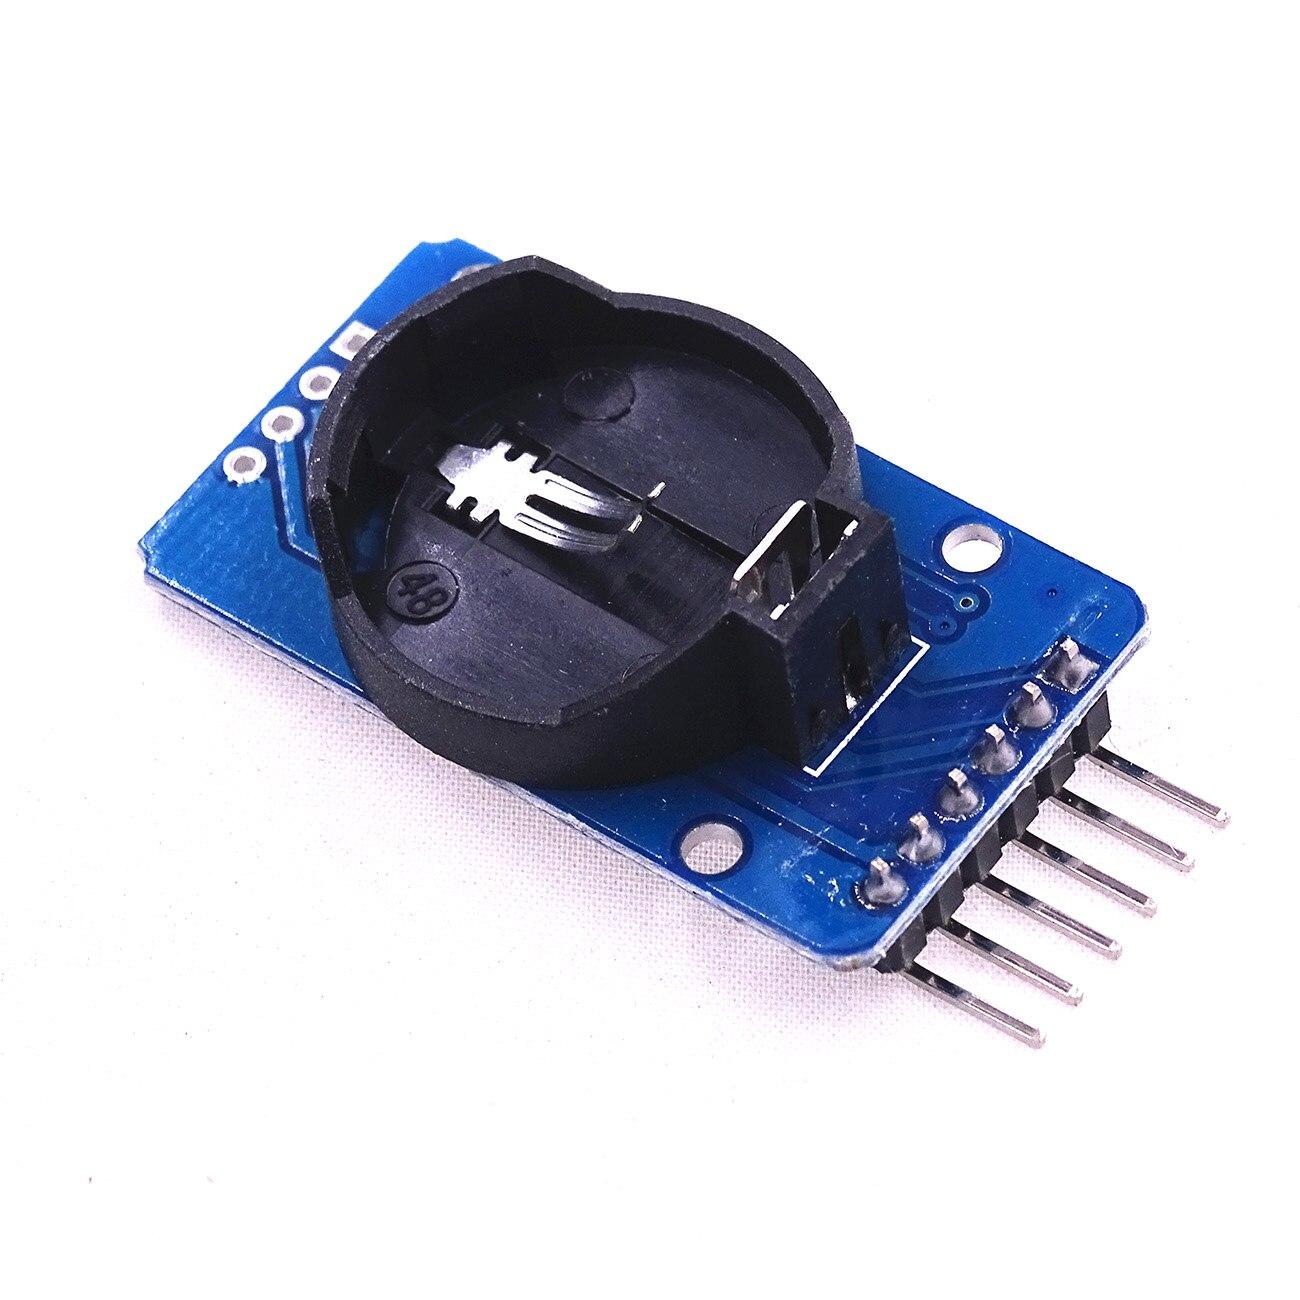 5 шт. DS3231 AT24C32 IIC точность RTC часы реального времени модуль памяти новый оригинальный